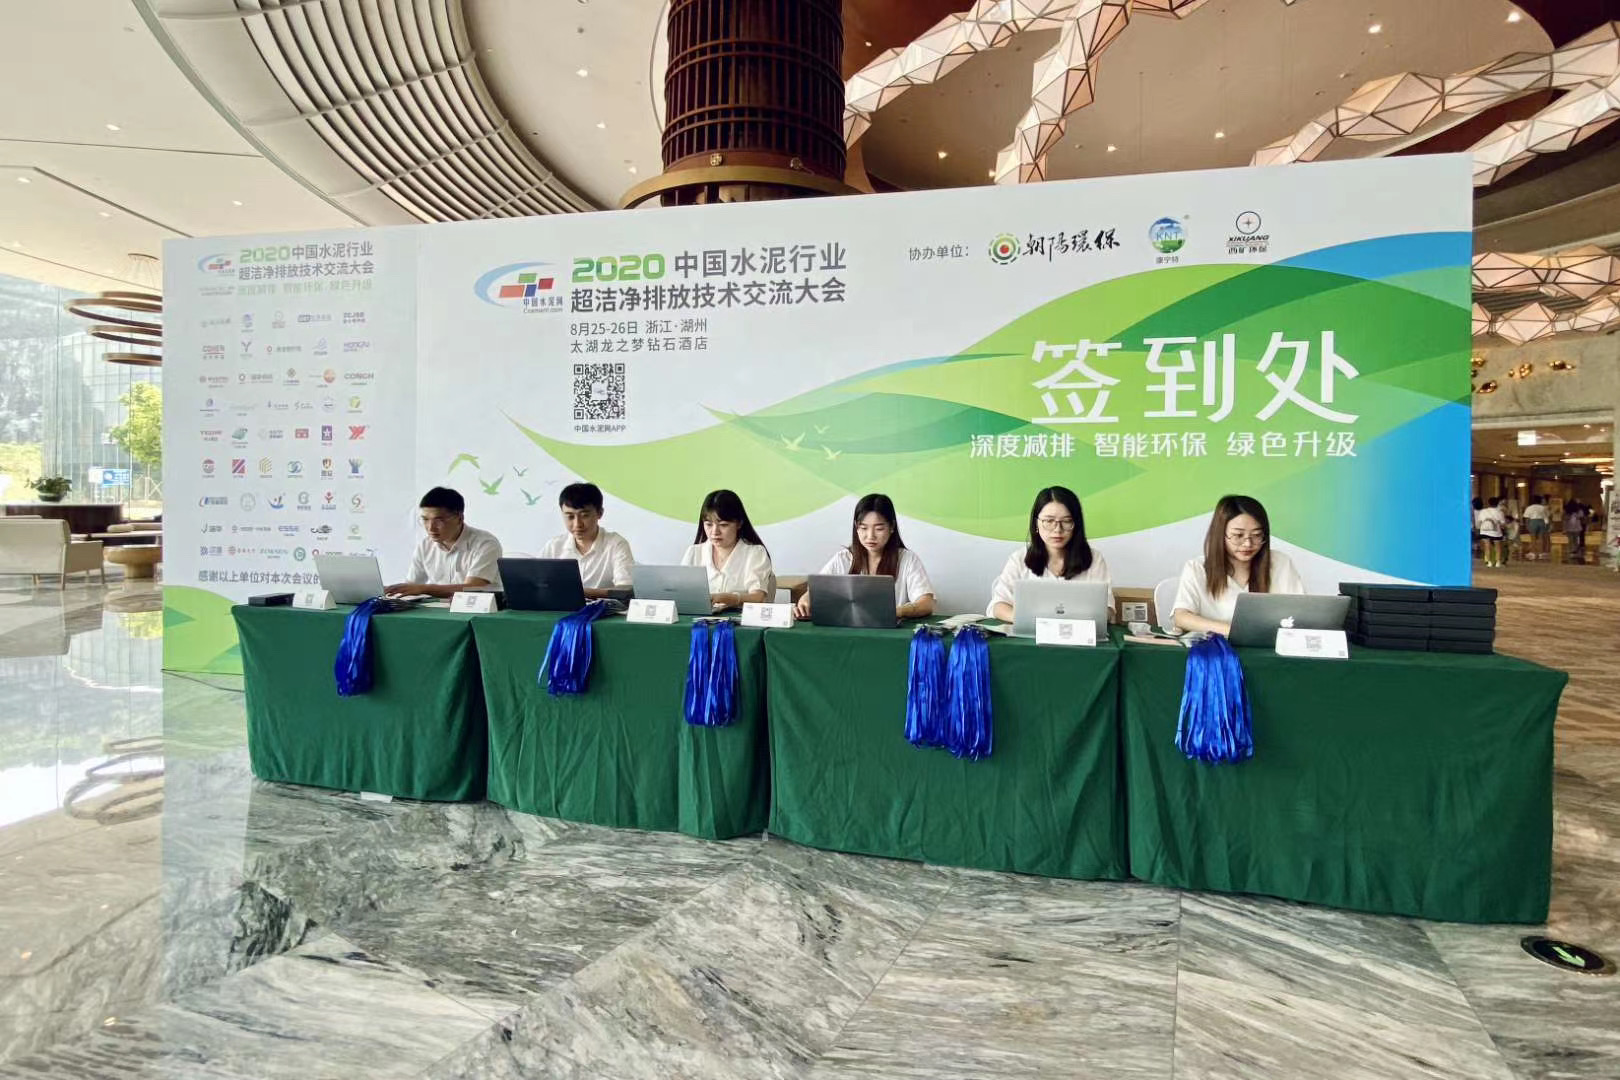 行业 | 2020水泥行业超洁净排放技术交流大会召开、第九届中国钢铁合作发展交流高端论坛举行…